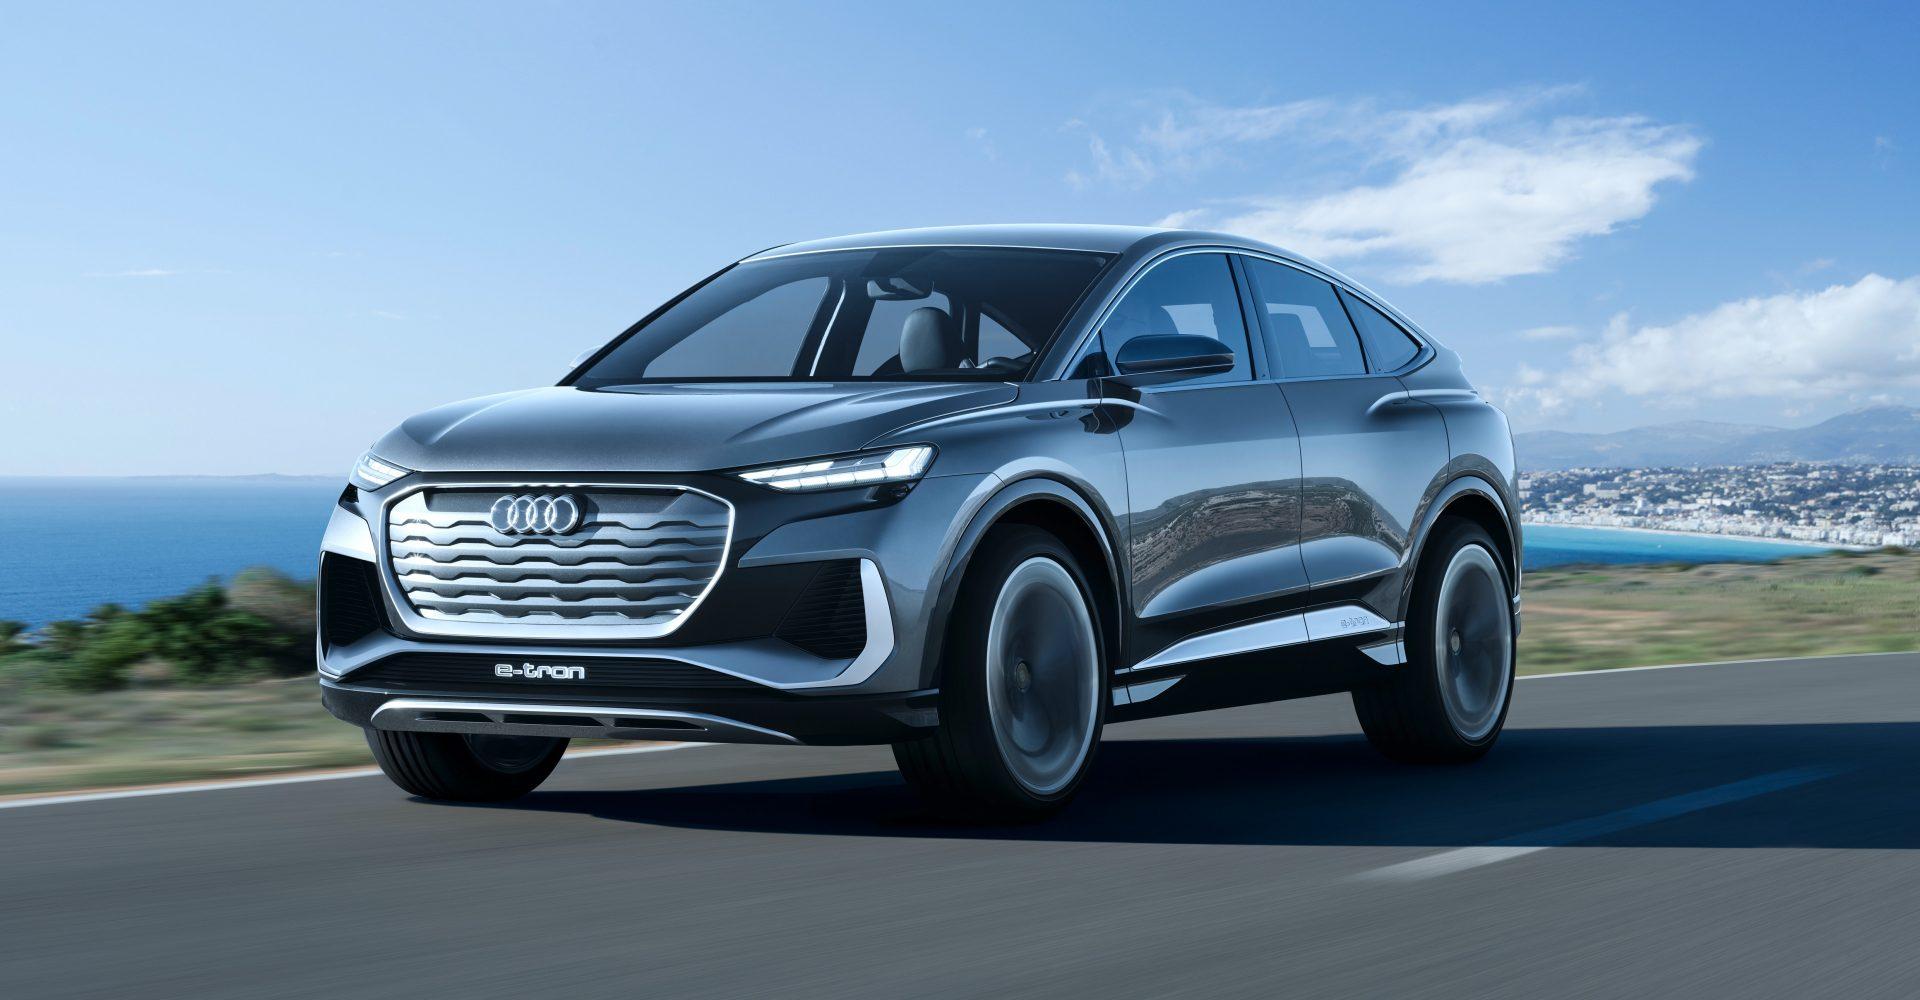 Audi unveils new Q4 Sportback e-tron concept